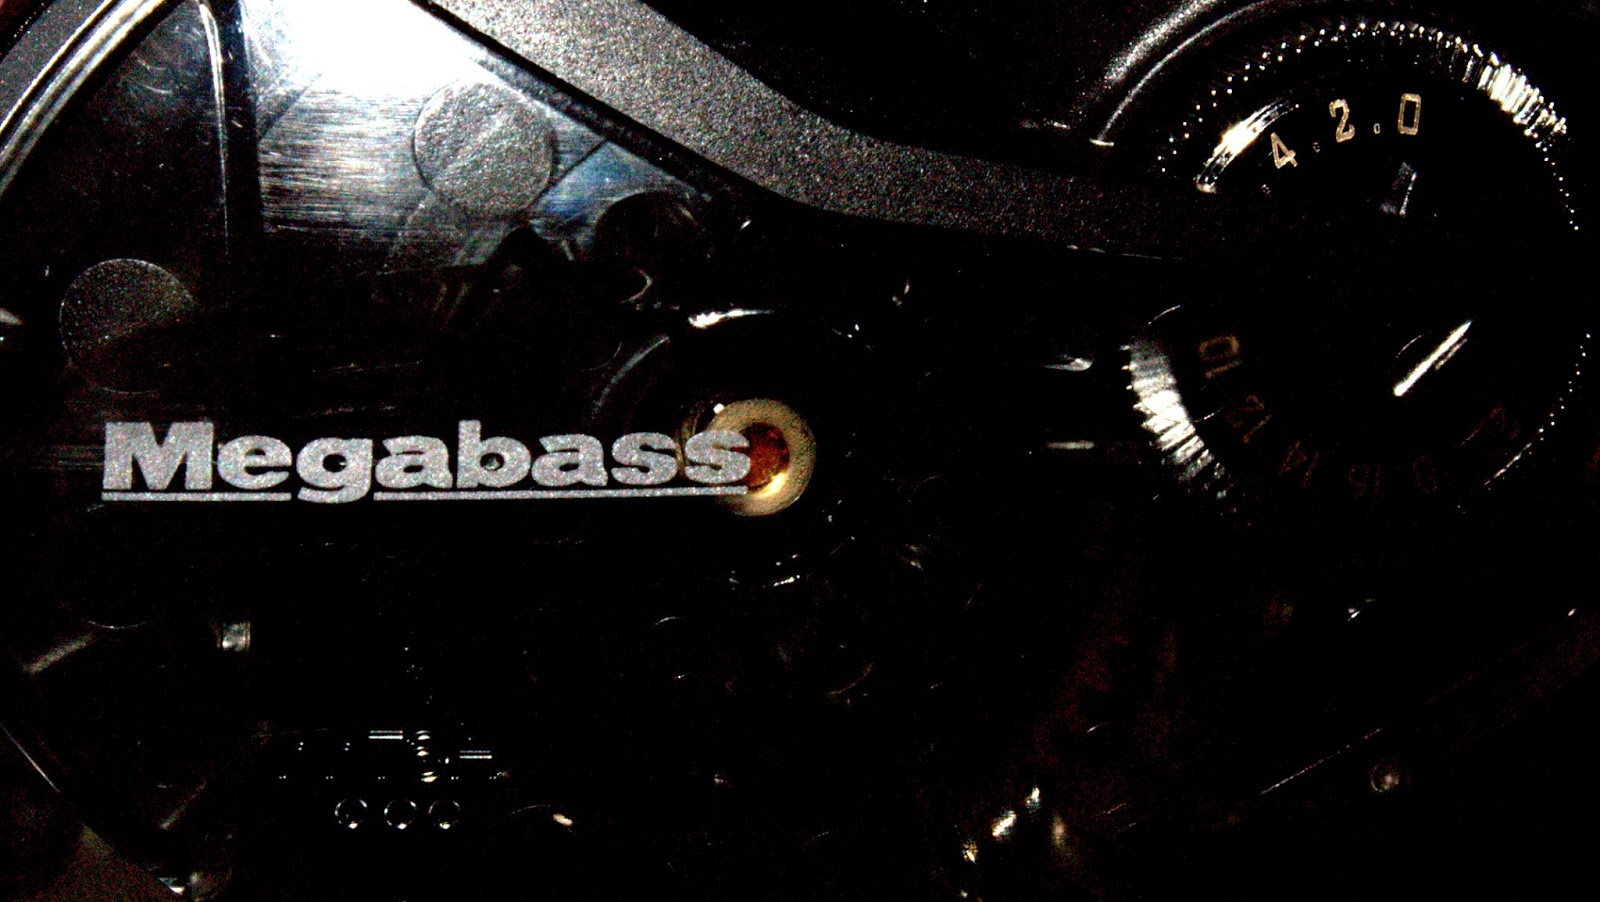 Tigris Tackle Megabass FX68L 1600x902